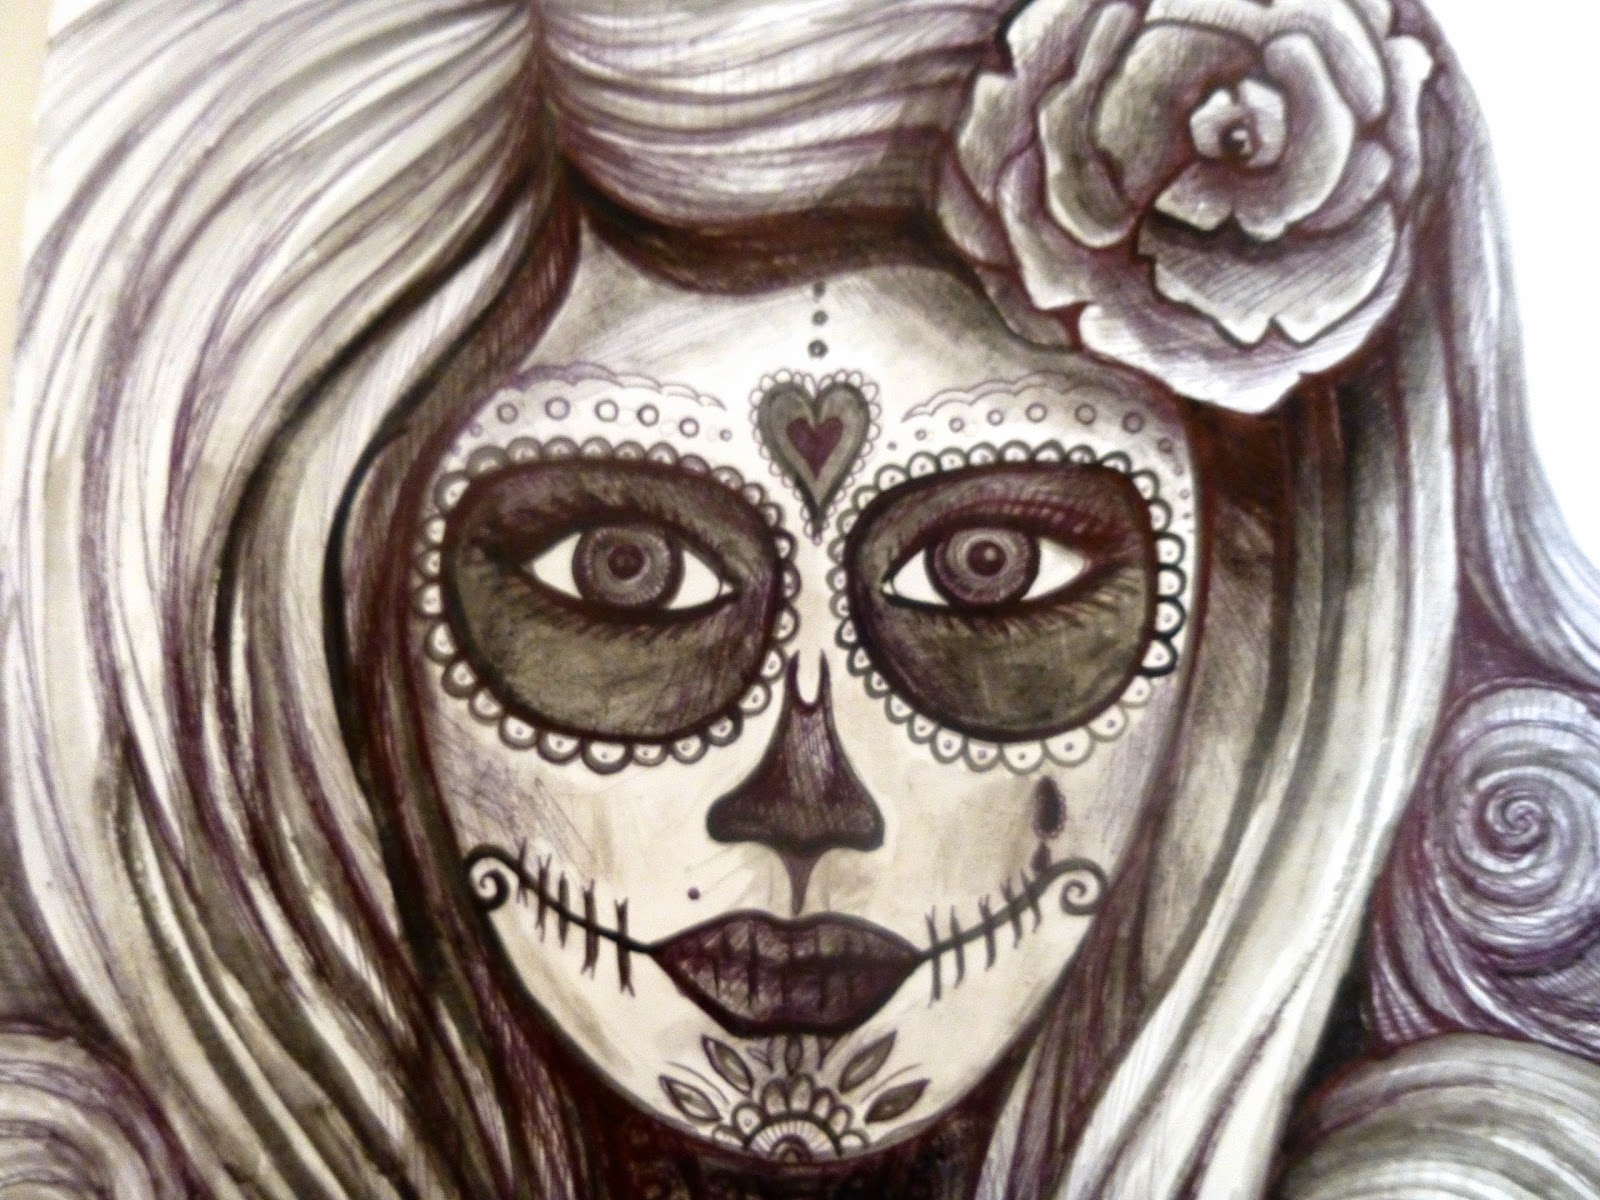 Drawn sugar skull hand painted Acrylic creative skull inspired skull